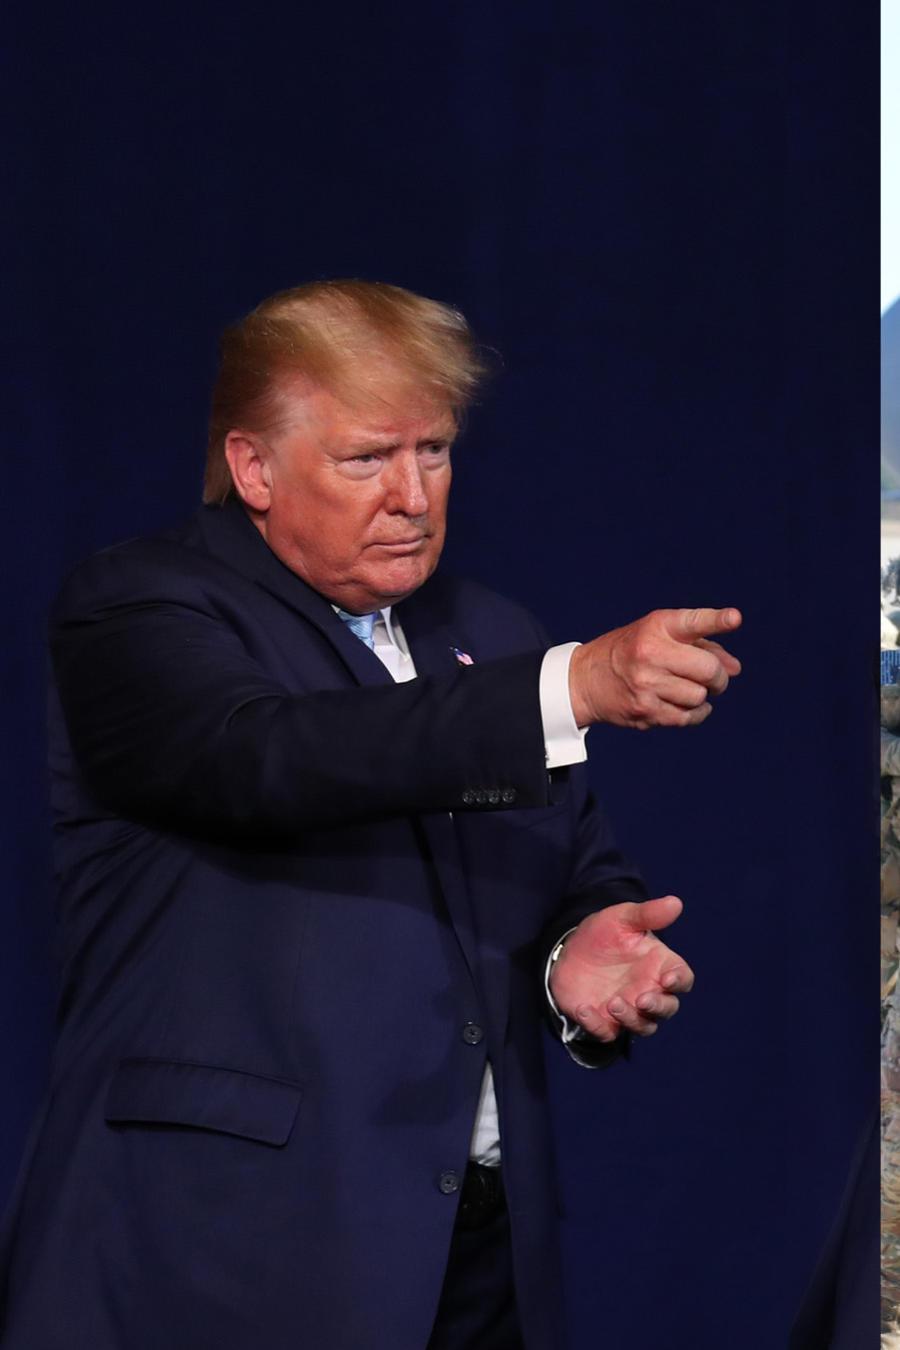 Trump, durante un acto político el 3 de enero. A la derecha, soldados embarcan en una base de Carolina del Norte el 1 de enero en dirección a Irak.